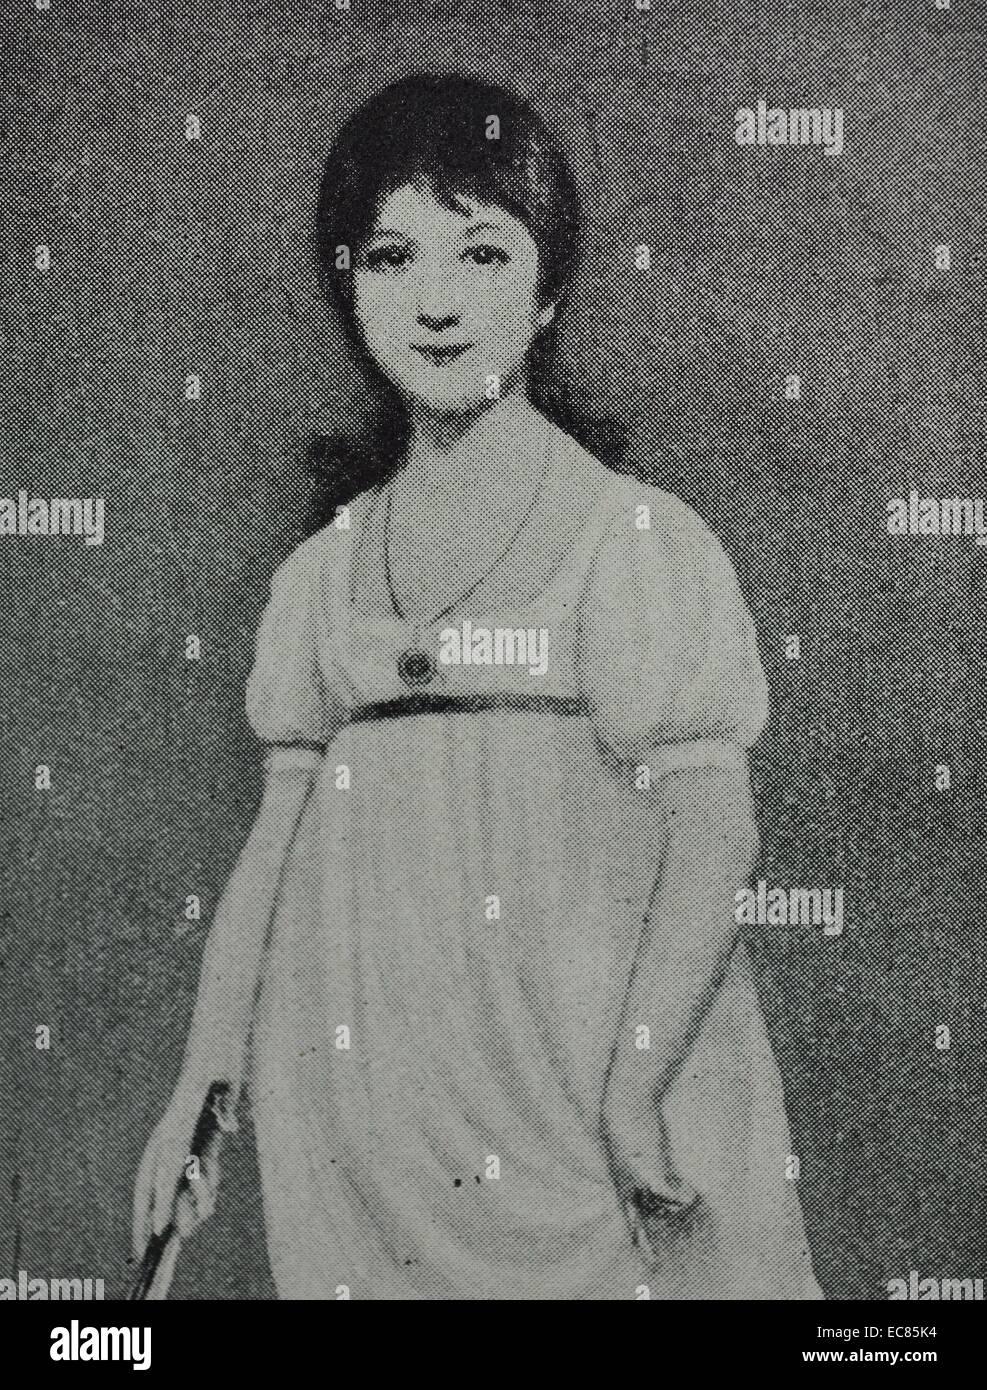 Retrato de una joven Jane Austen Imagen De Stock